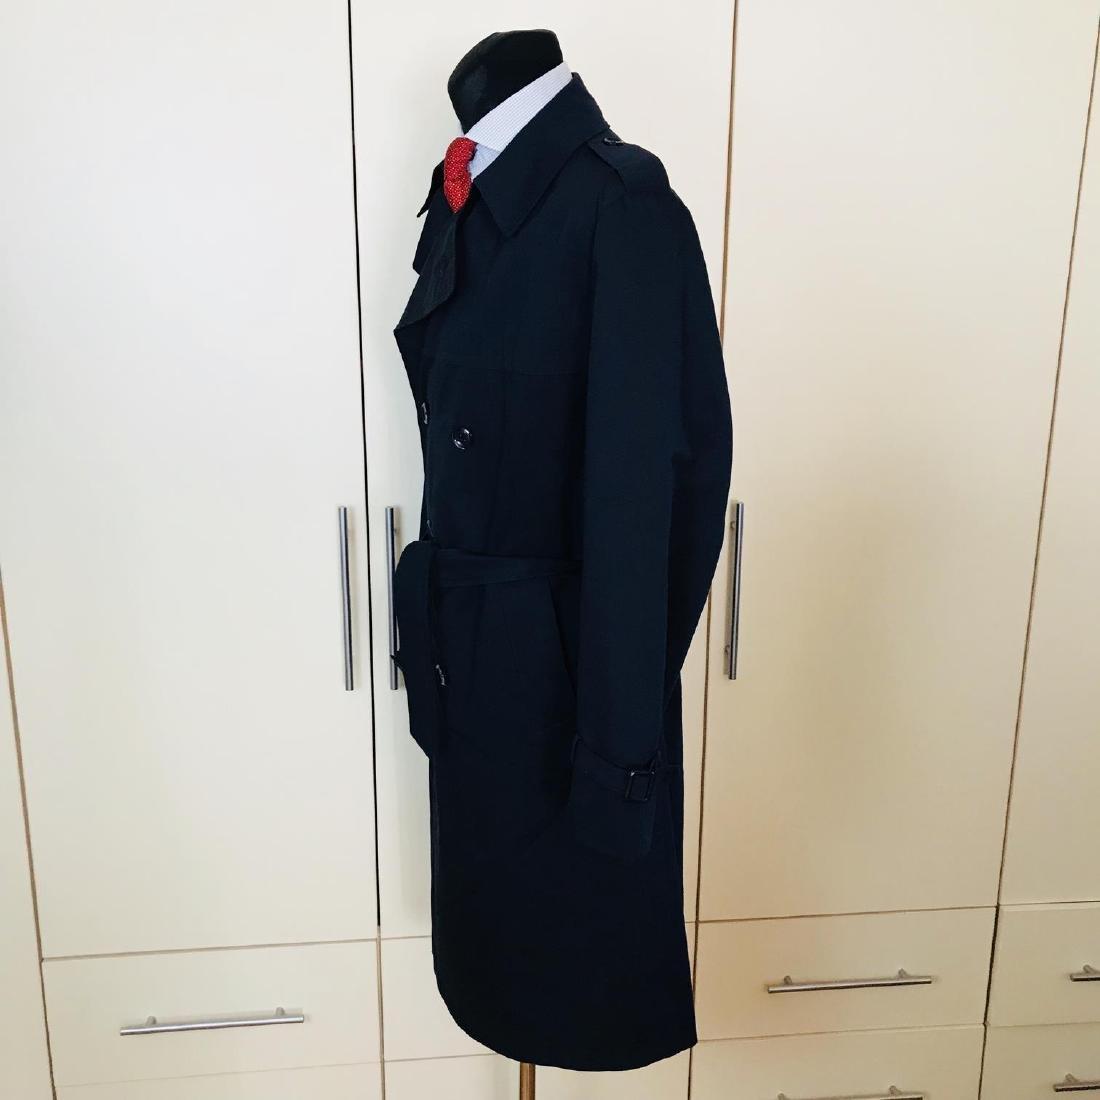 Vintage Men's Navy Blue Trench Coat Size US 42 / EUR 52 - 3